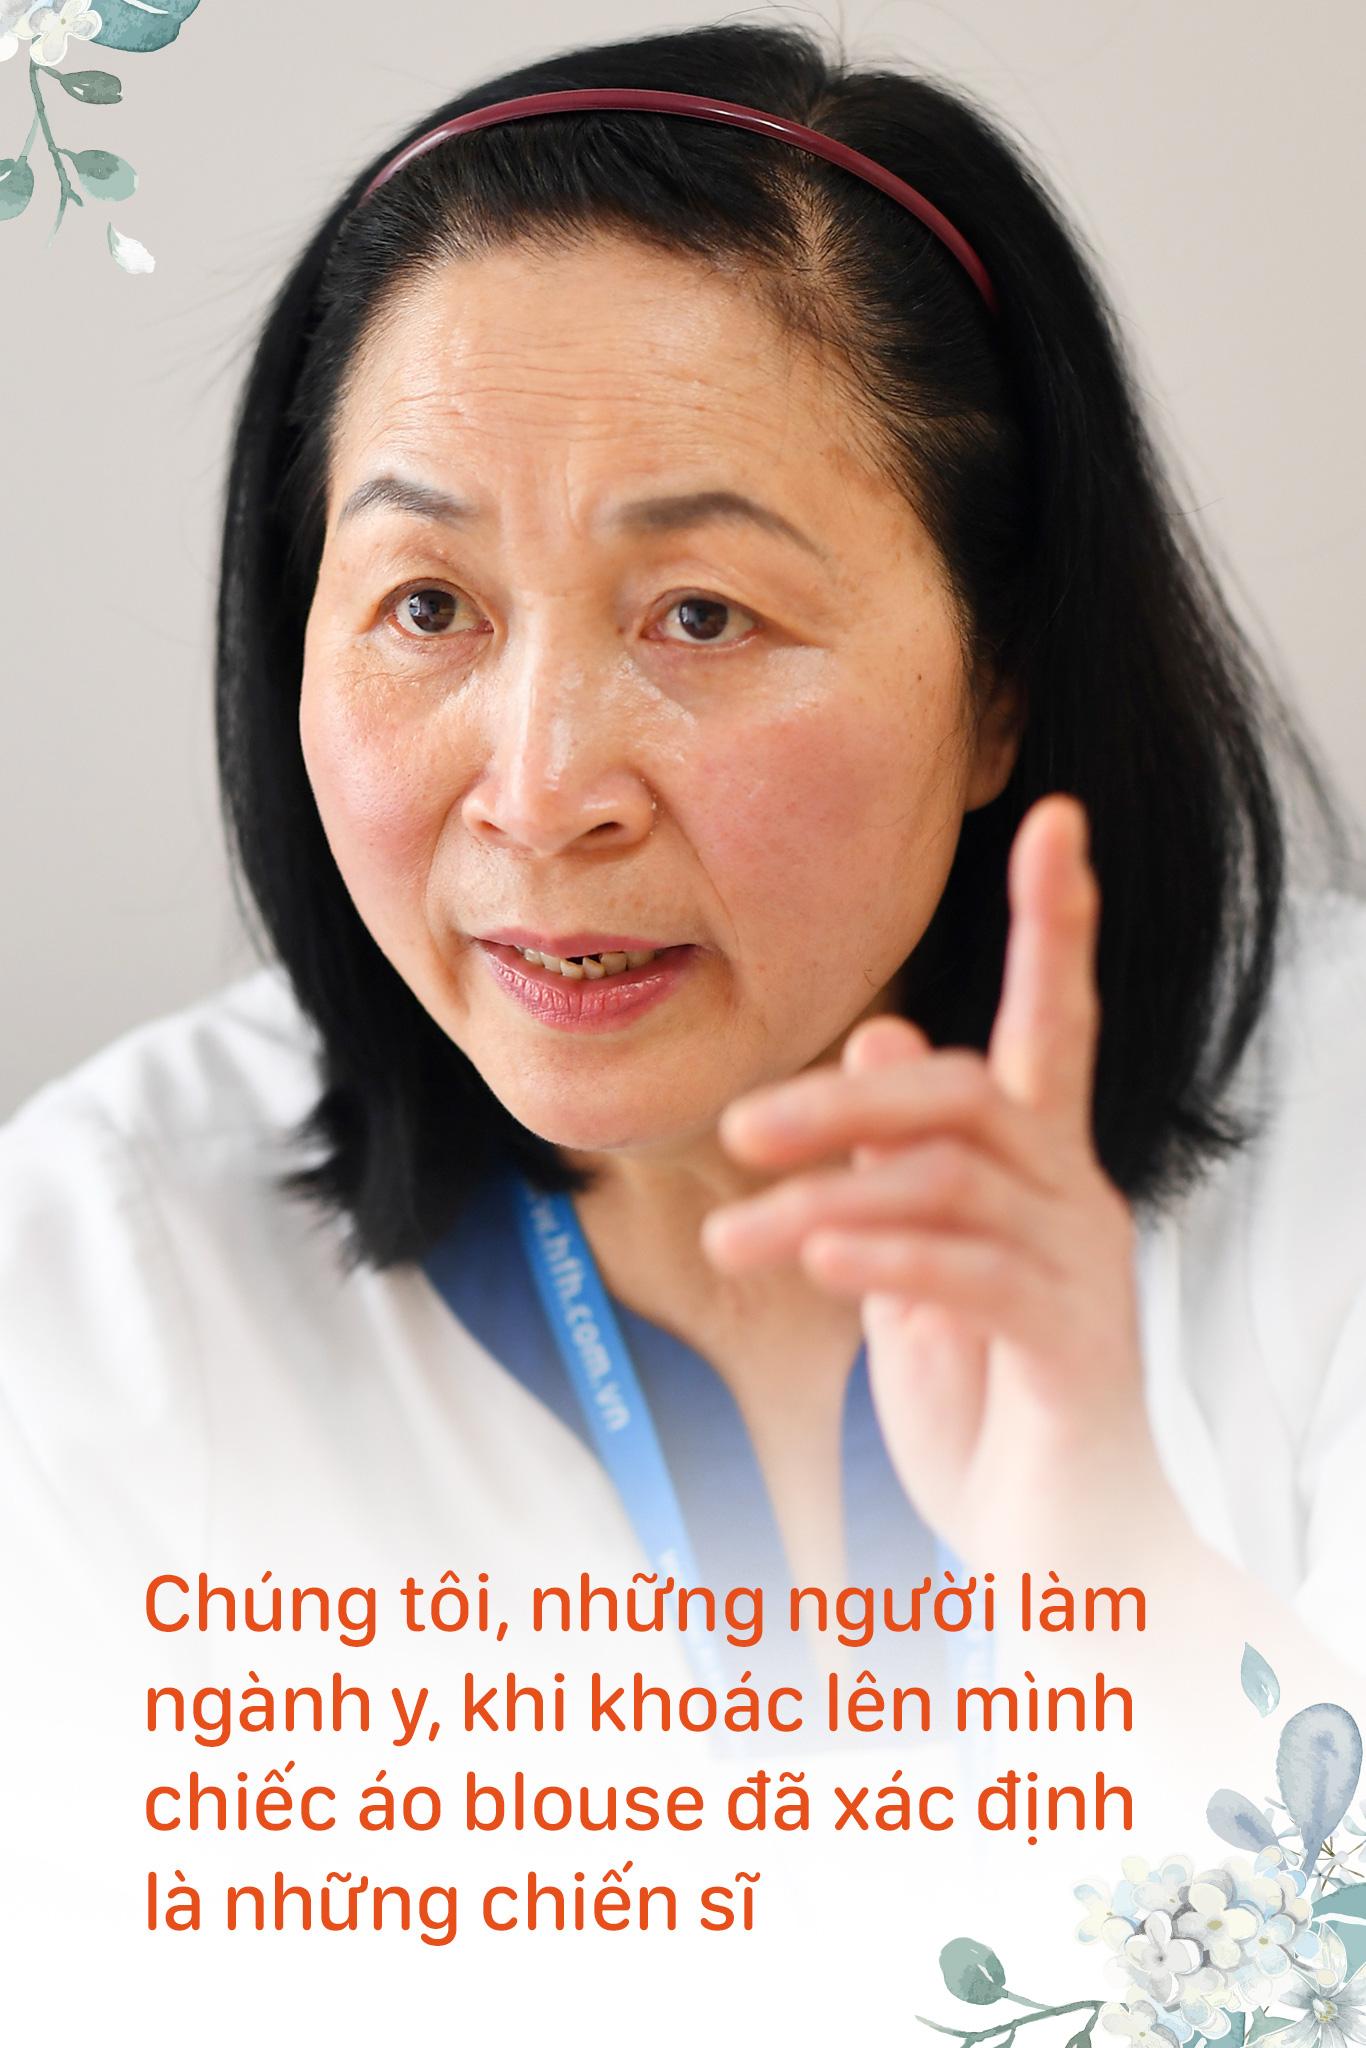 Nữ y tá Việt Nam và câu nói của phóng viên quốc tế: Tất cả những người phải thở máy không một ai sống sót! - Ảnh 15.